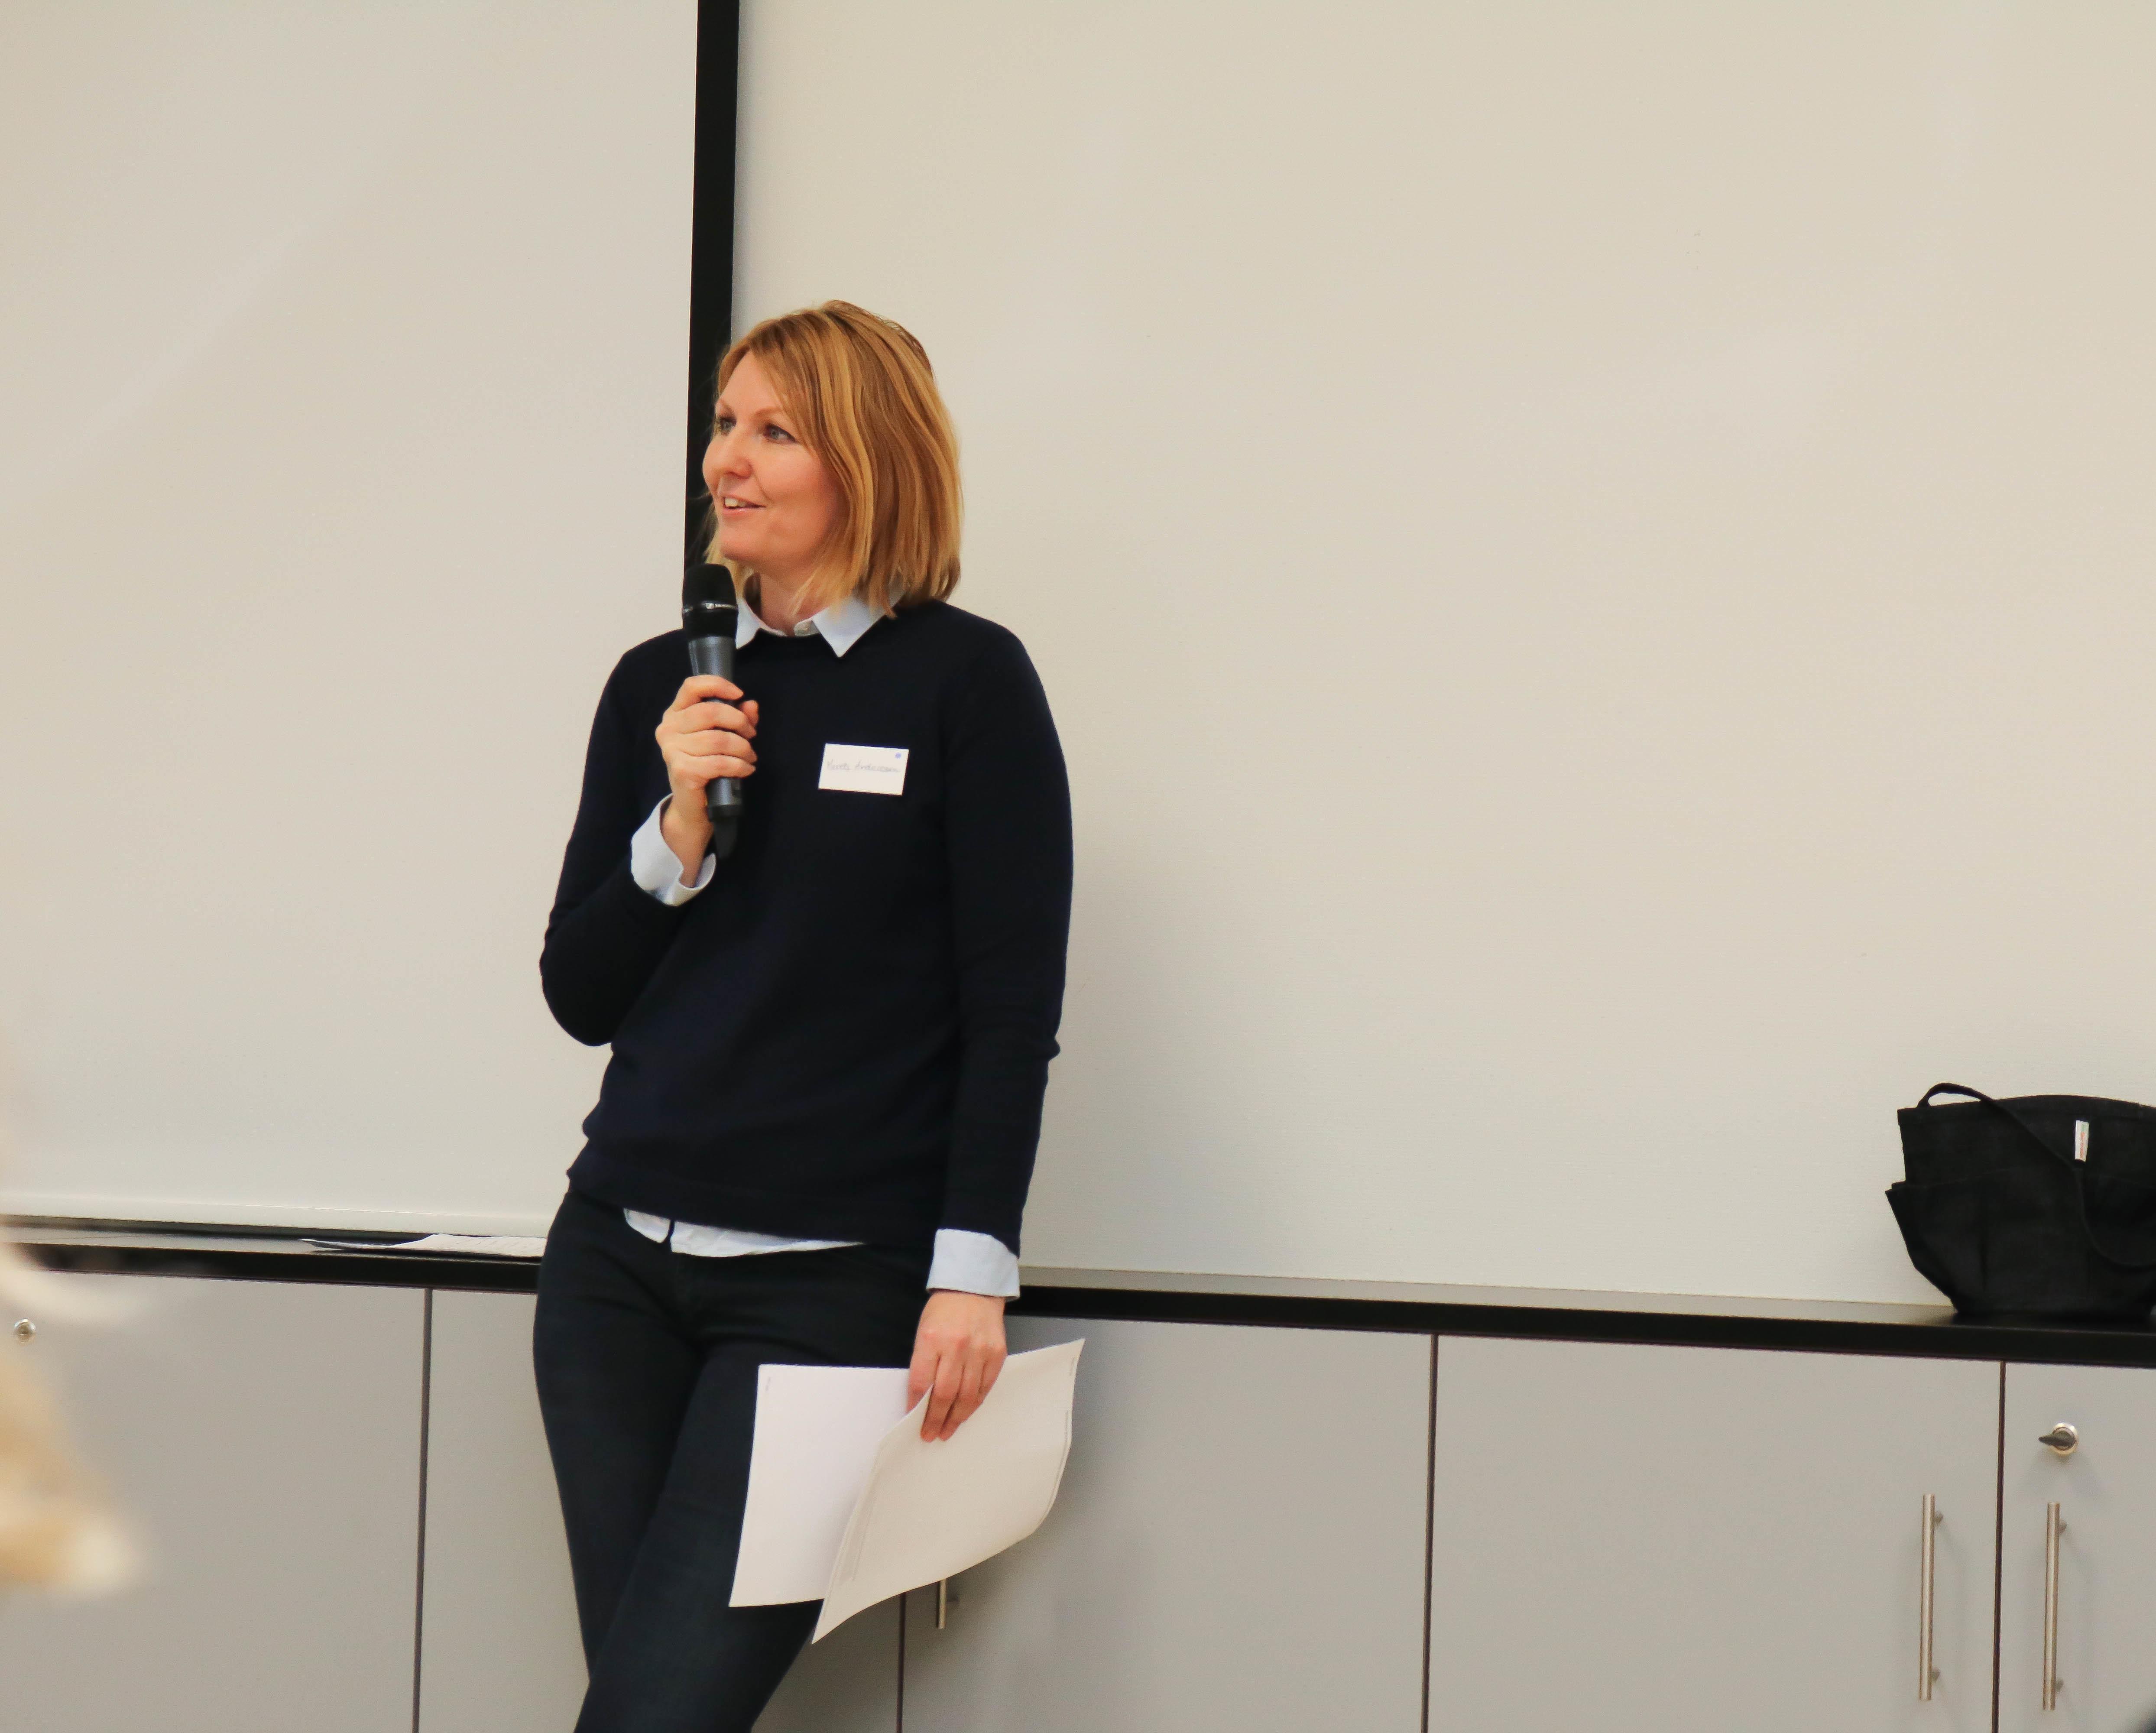 Kvinne kledd svart prater i en mikrofon og holder noen ark i sin venstre hånd.